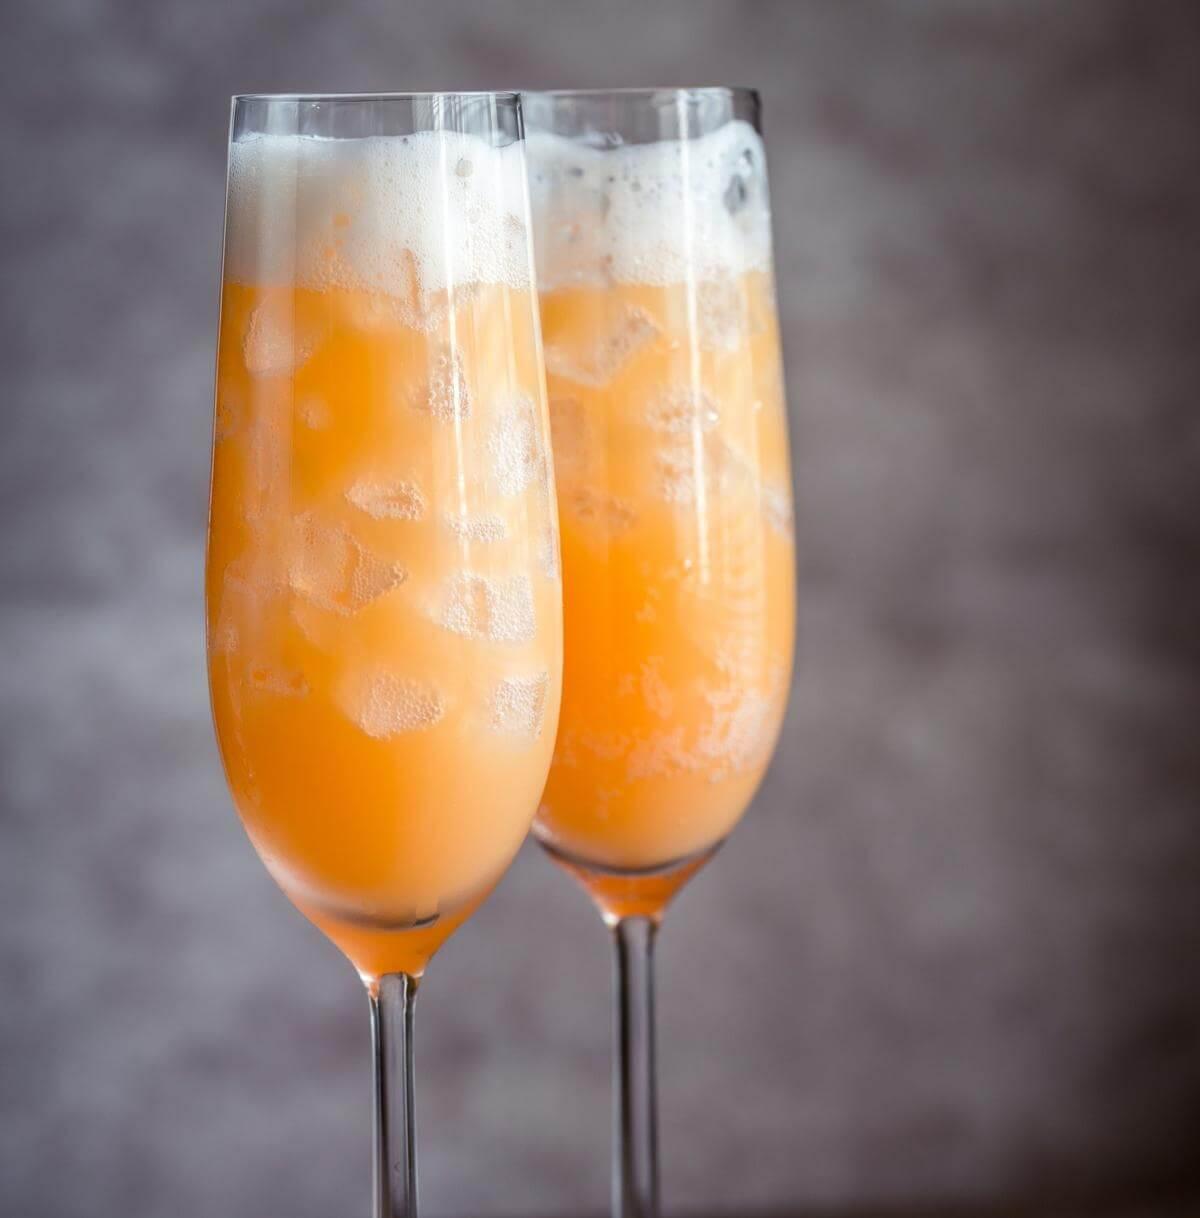 Популярный венецианский коктейль беллини из персиков и игристых вин просекка